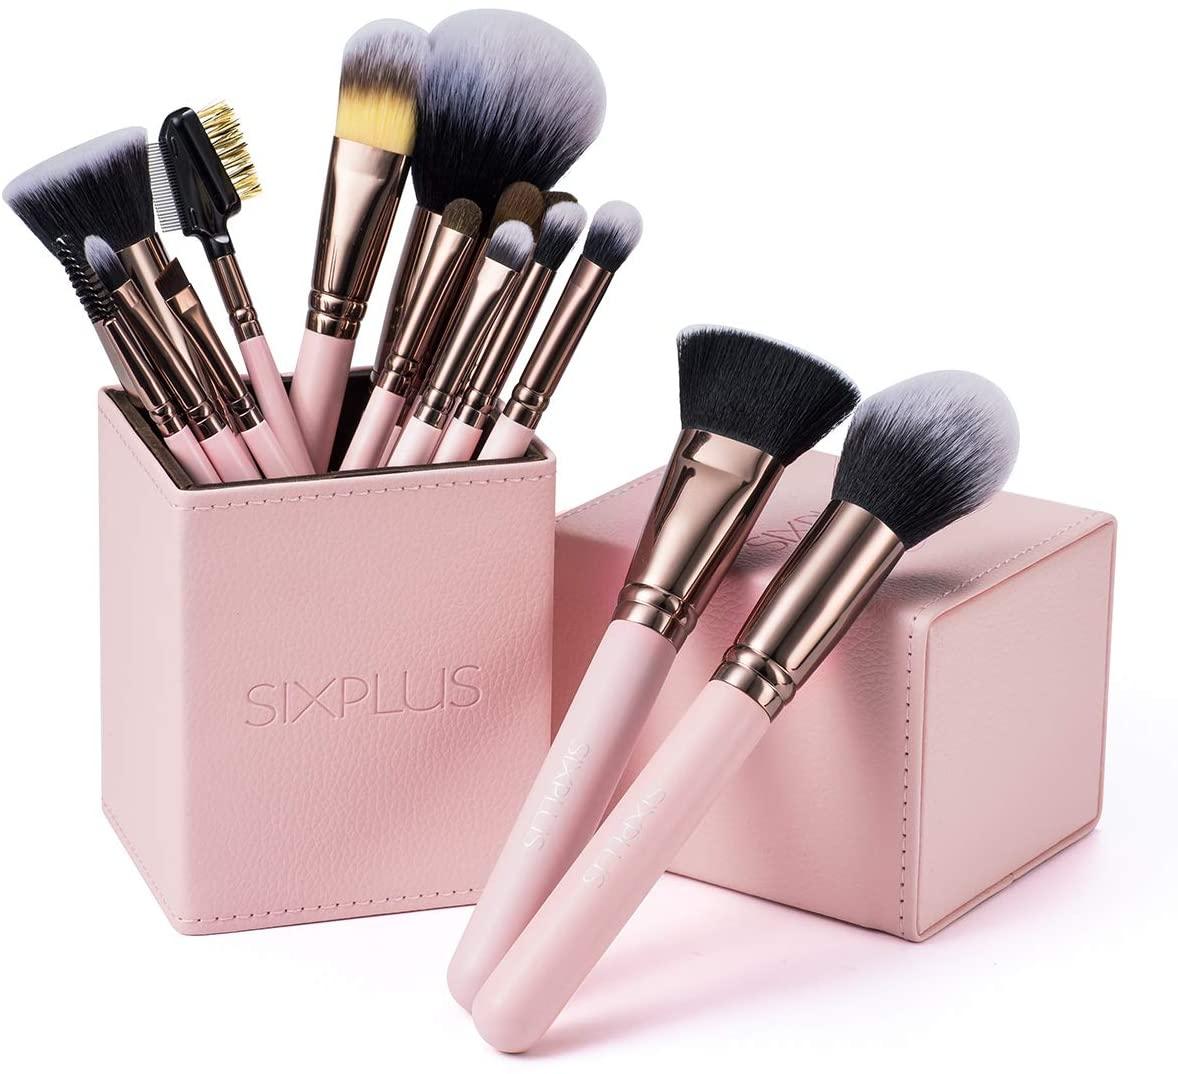 SIXPLUS(シックスプラス) メイクブラシ ロマンチックなピンク色 15本セットの商品画像